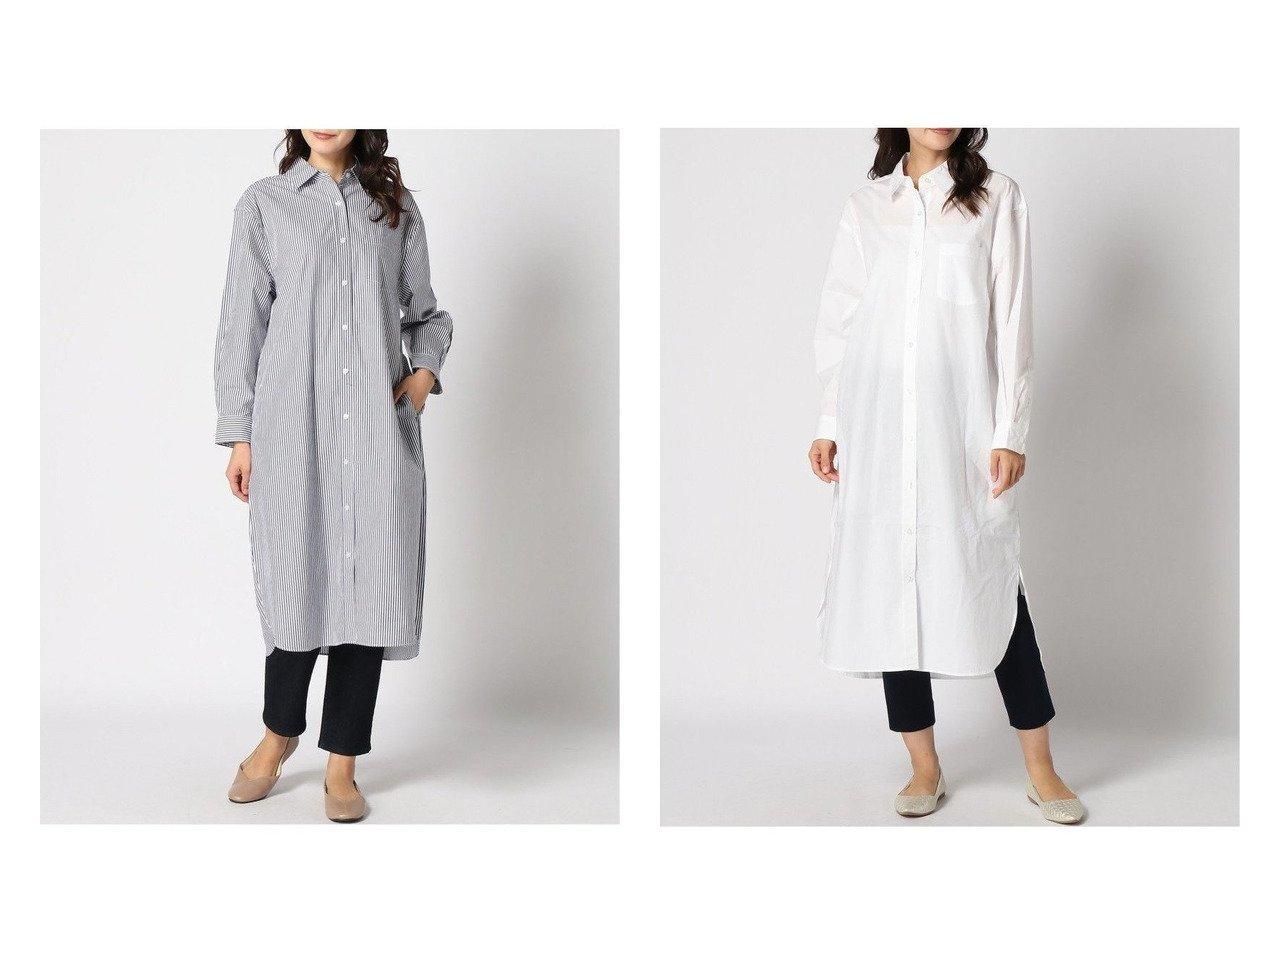 【BANANA REPUBLIC/バナナ リパブリック】のポプリン シャツワンピース BANANA REPUBLICのおすすめ!人気、トレンド・レディースファッションの通販 おすすめで人気の流行・トレンド、ファッションの通販商品 メンズファッション・キッズファッション・インテリア・家具・レディースファッション・服の通販 founy(ファニー) https://founy.com/ ファッション Fashion レディースファッション WOMEN ワンピース Dress シャツワンピース Shirt Dresses フィット フロント ポケット ラウンド |ID:crp329100000019105